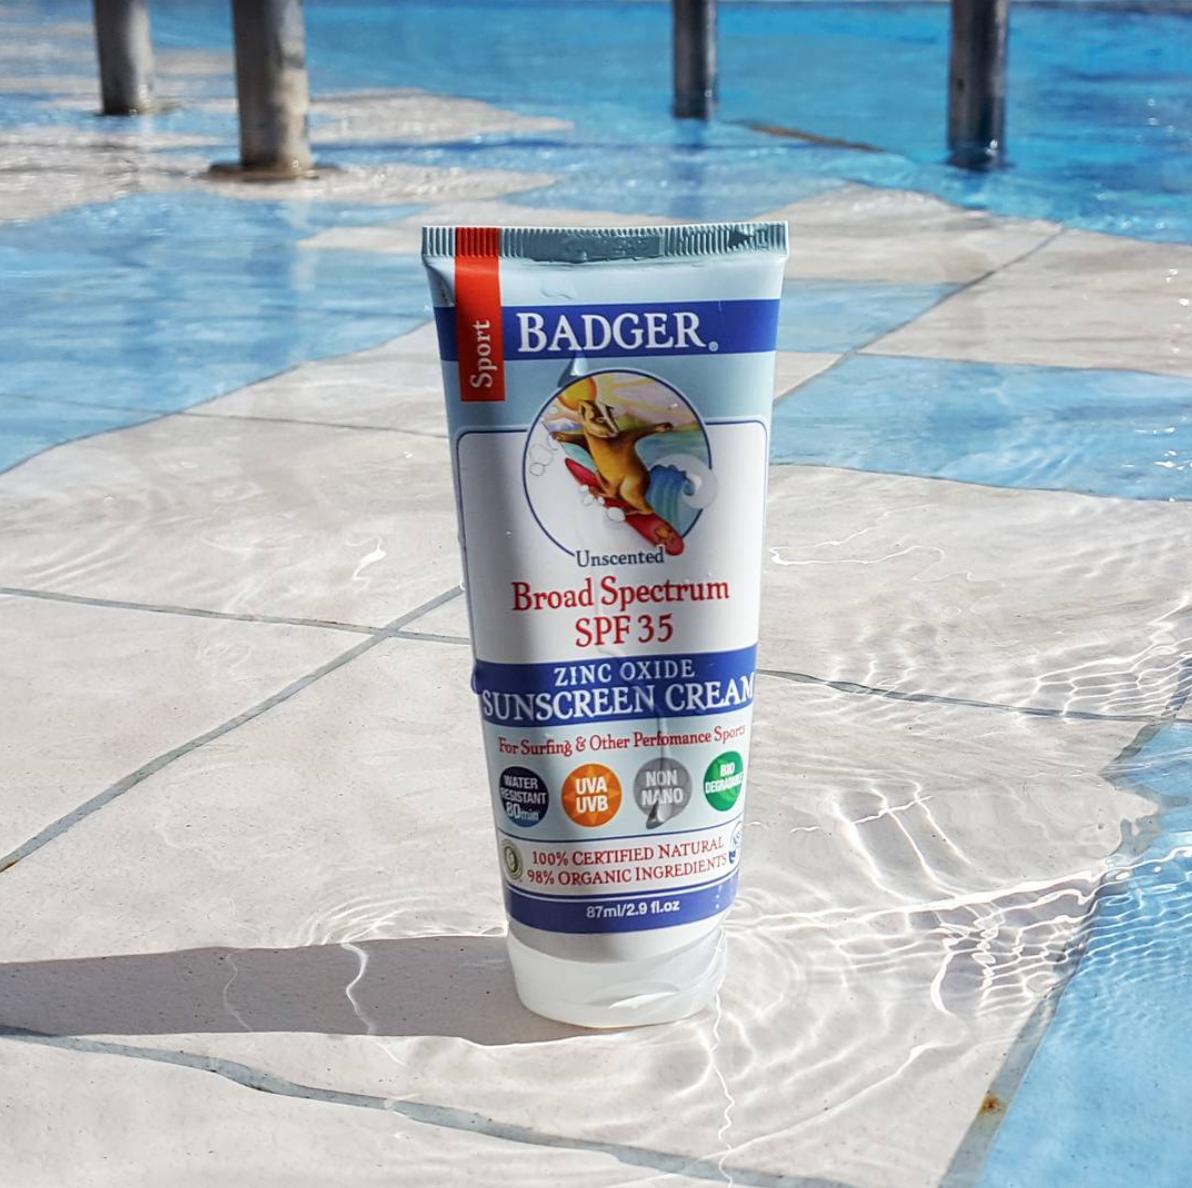 Thử nghiệm 20 sản phẩm tìm ra 8 loại kem chống nắng tốt nhất: SPF chuẩn chỉnh, giá từ 280k - Ảnh 3.